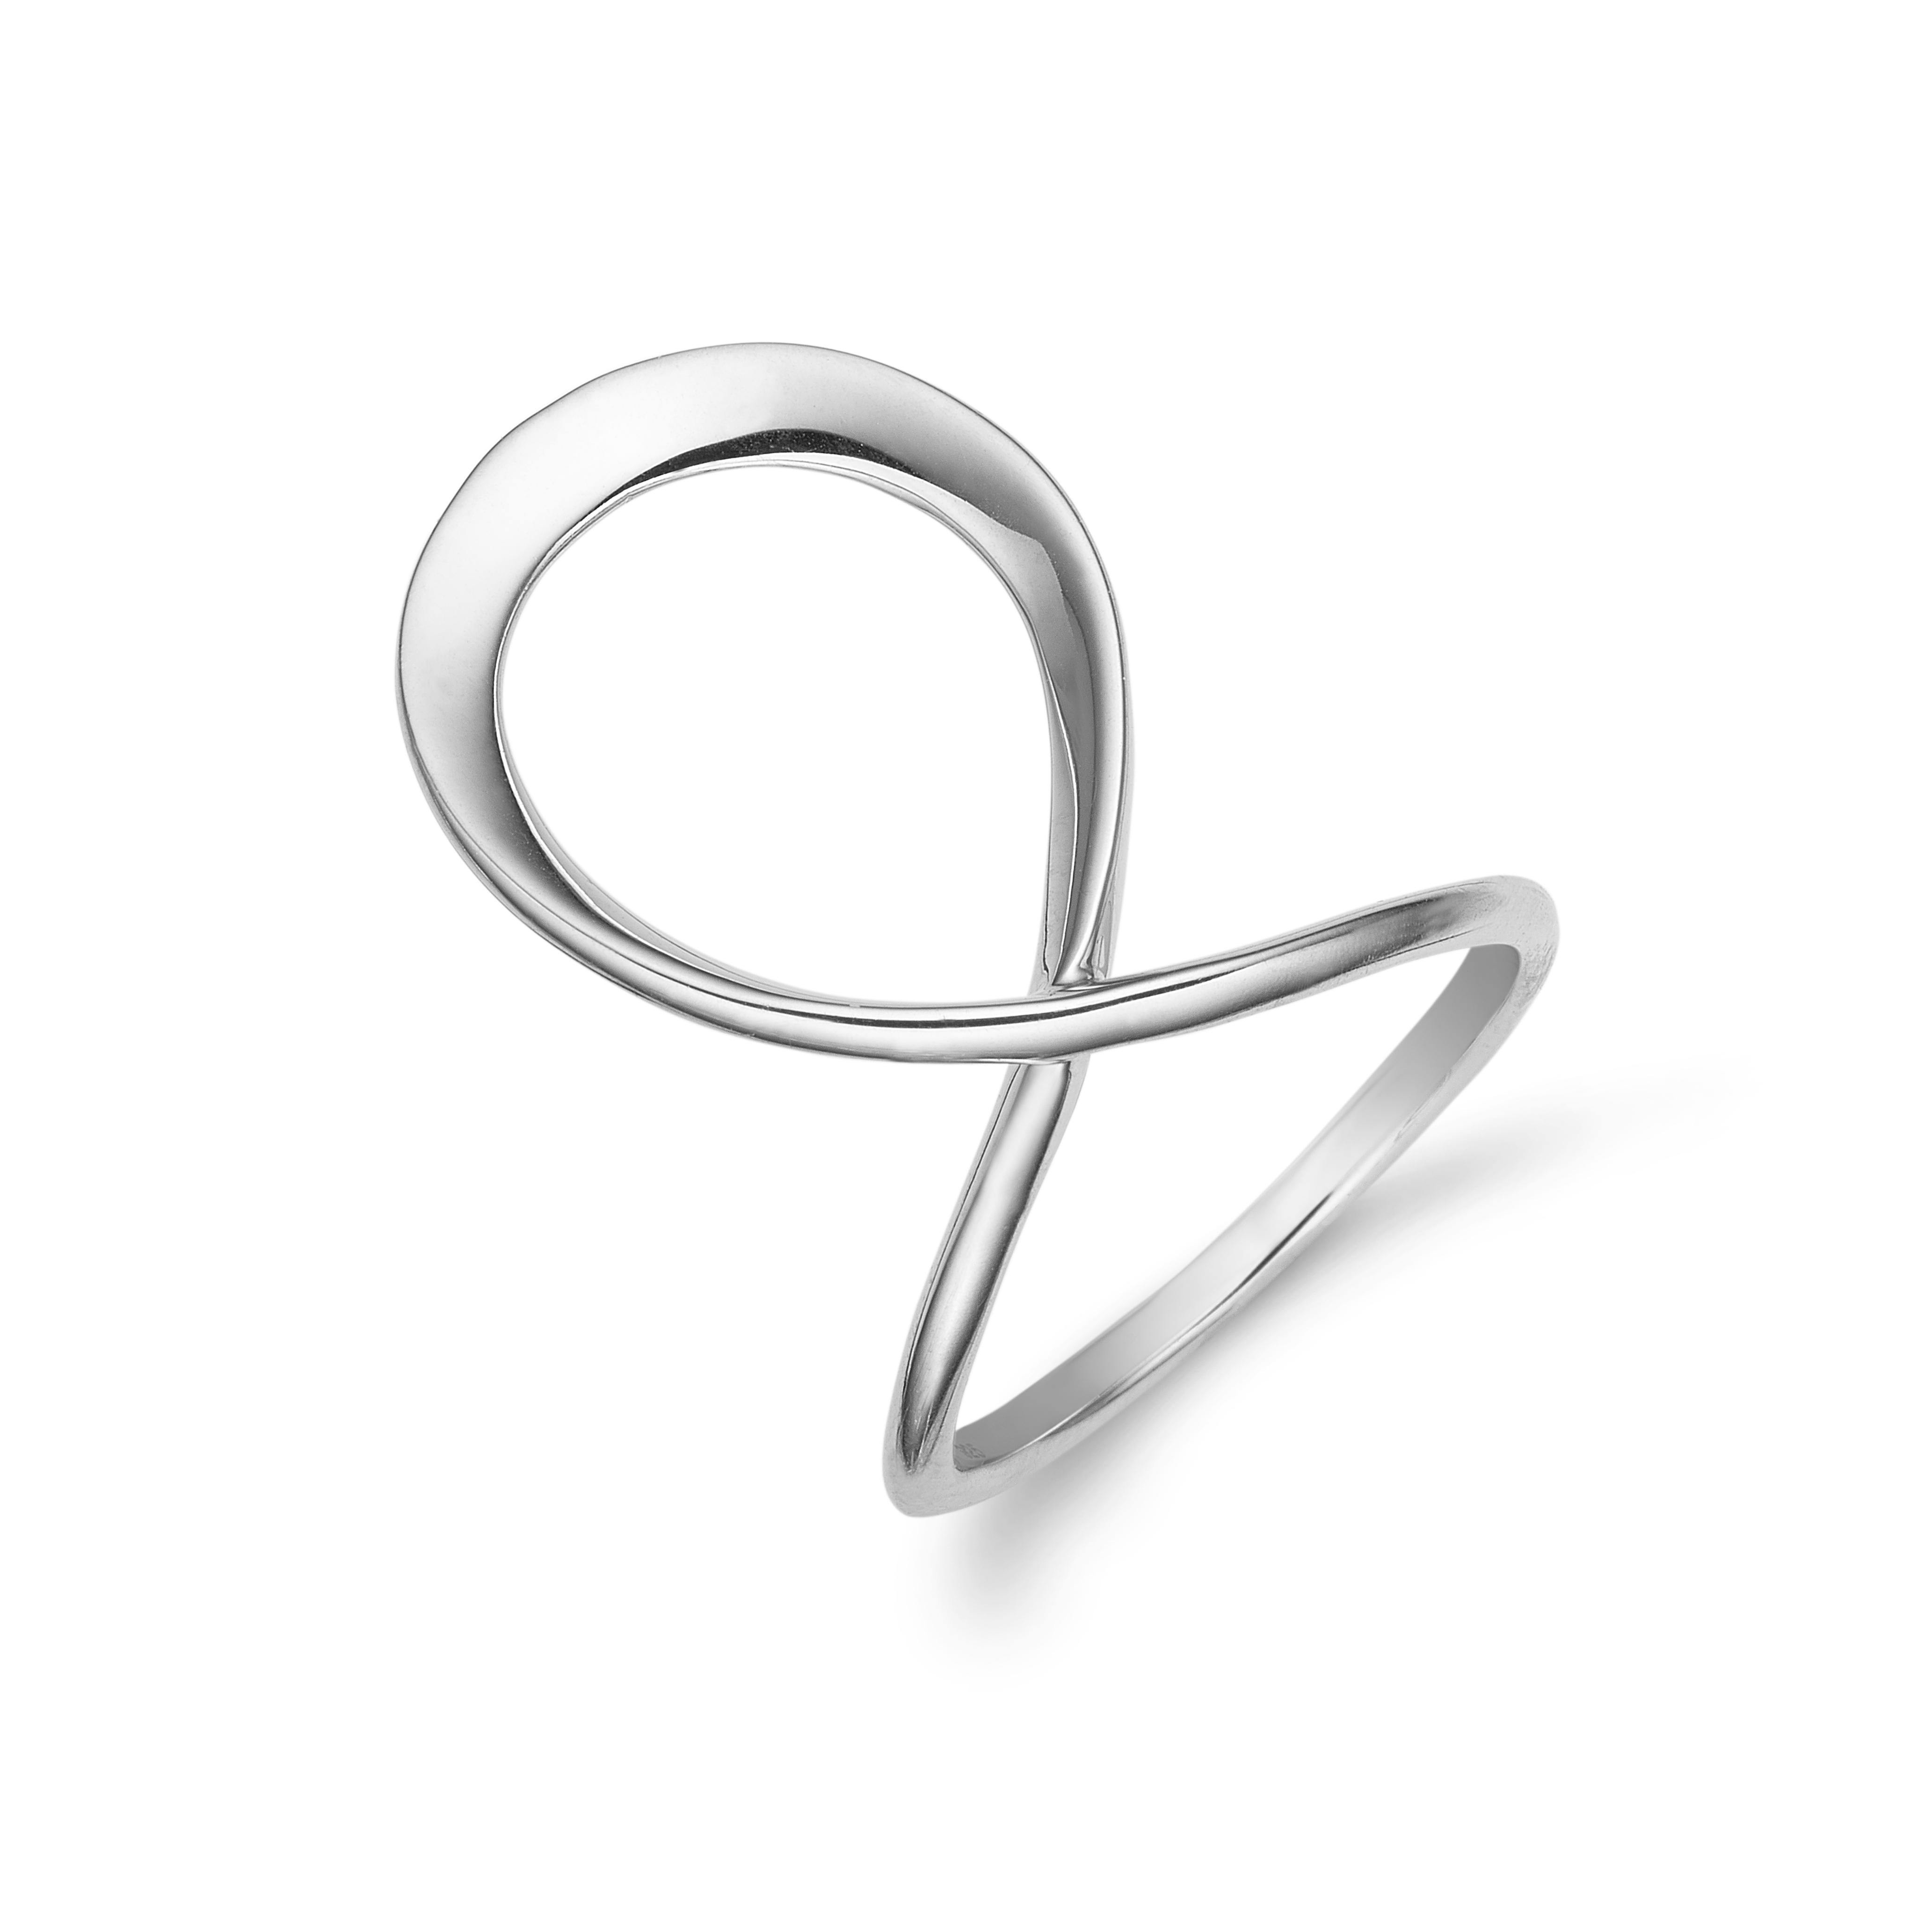 aagaard – Aagaard sølv ring - 11611398 størrelse 50 på brodersen + kobborg